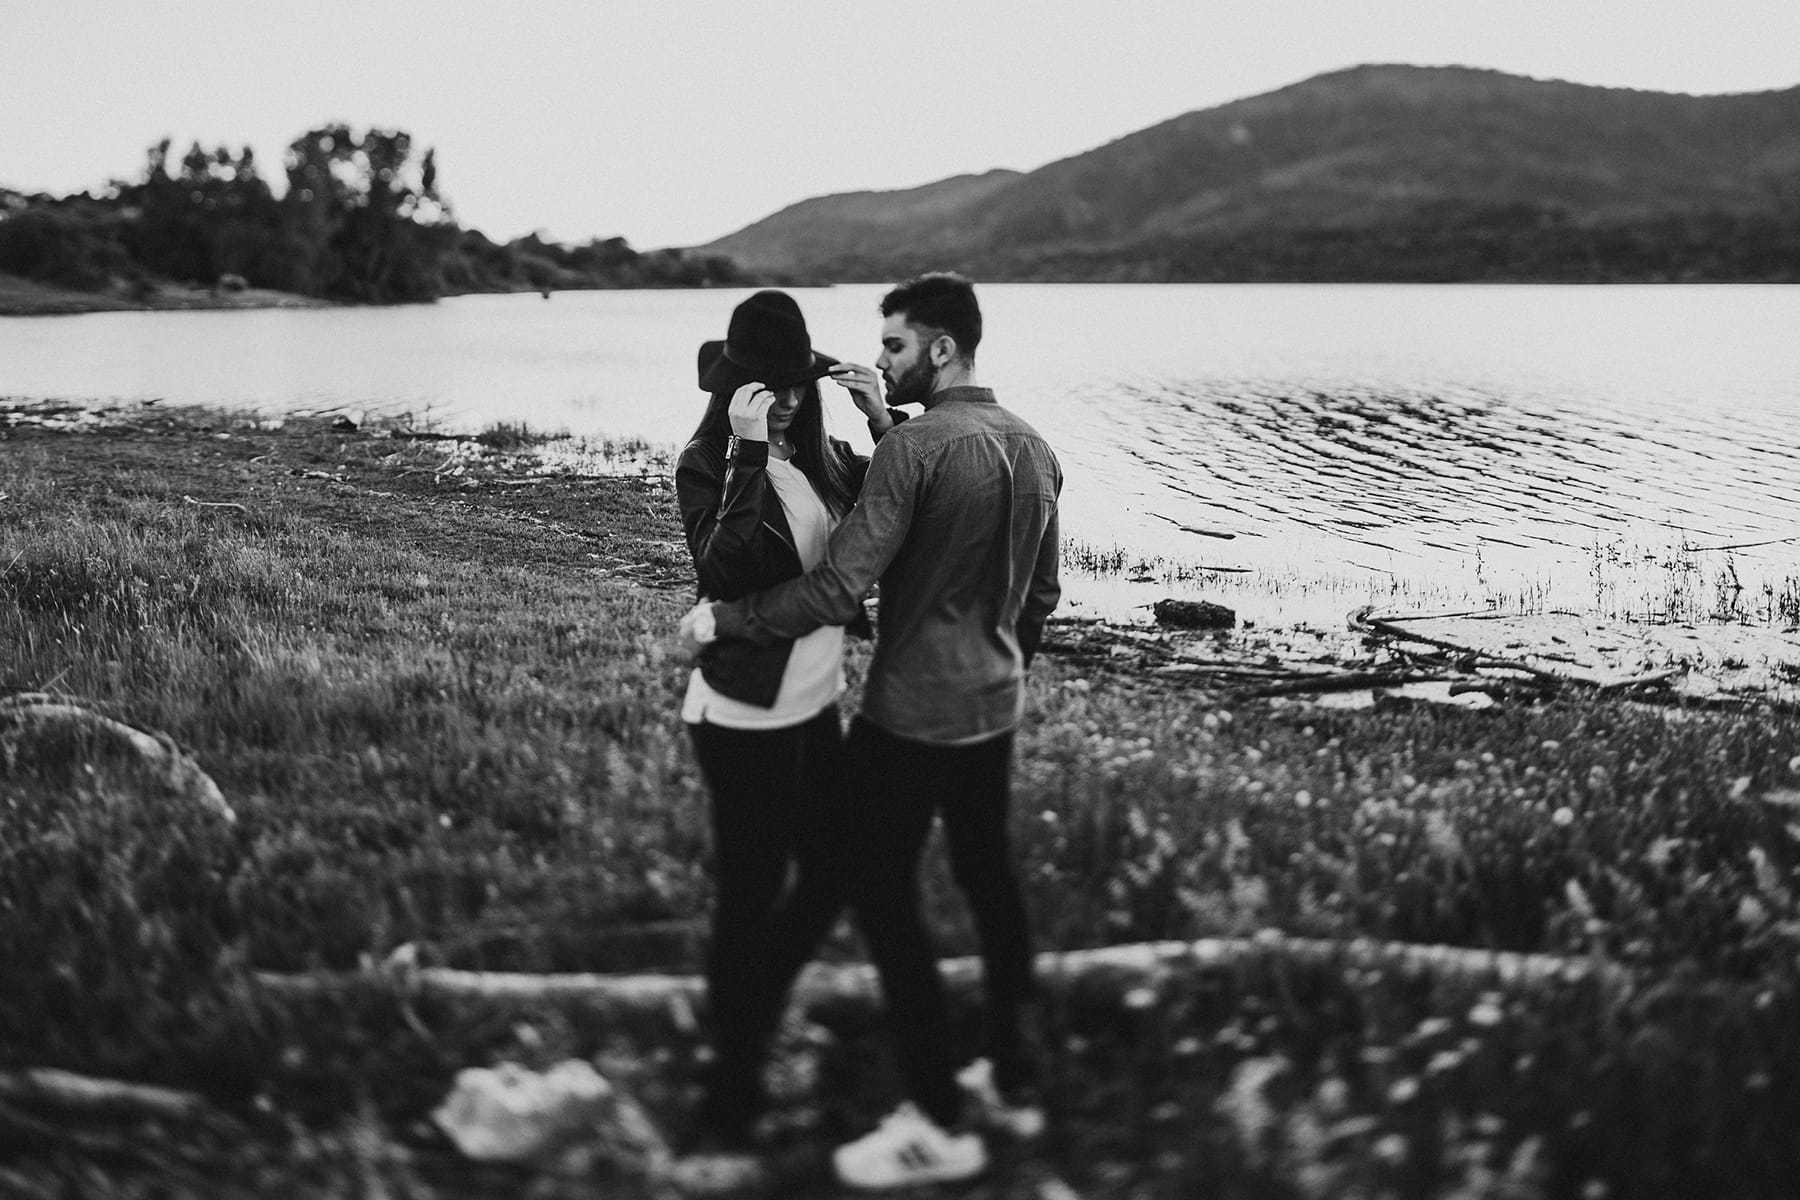 fotos_romanticas_hilario_sanchez_fotografo_boda_toledo_059